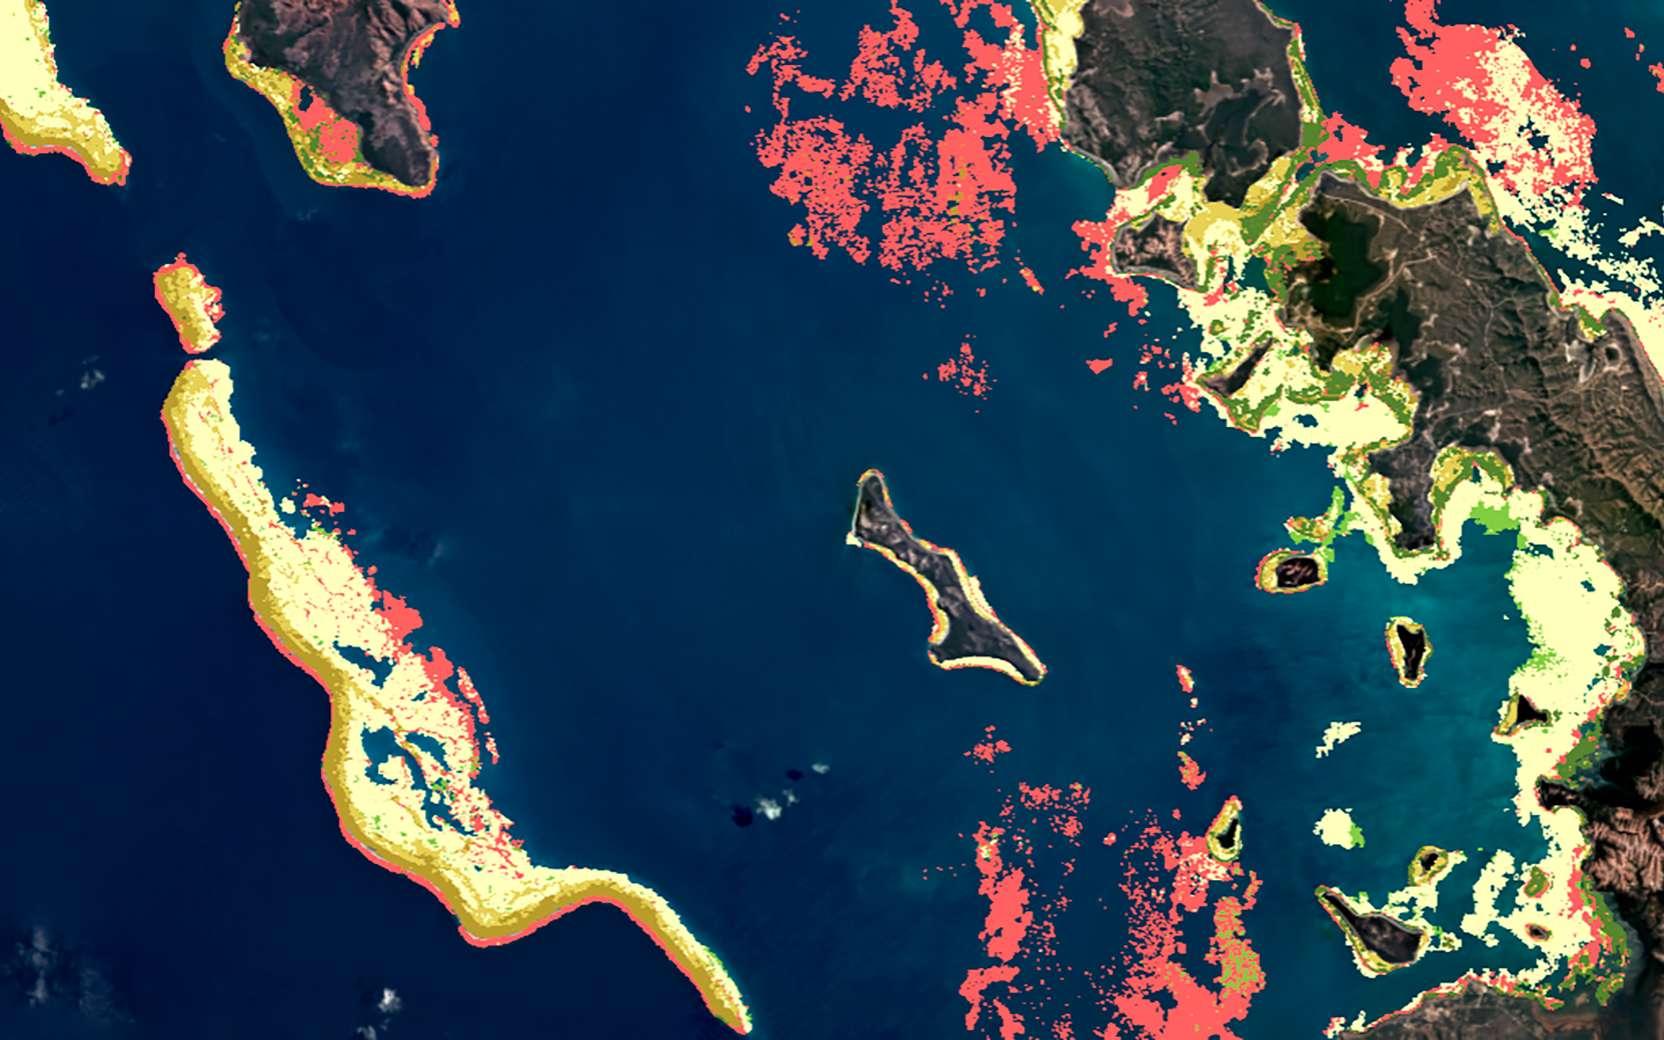 Carte benthique des récifs coralliens de la Nouvelle-Calédonie. Ce type de carte modélise la présence du corail, des micro-algues, de la roche, de débris, de sable et d'herbiers marins. © Planet, Allen Coral Atlas